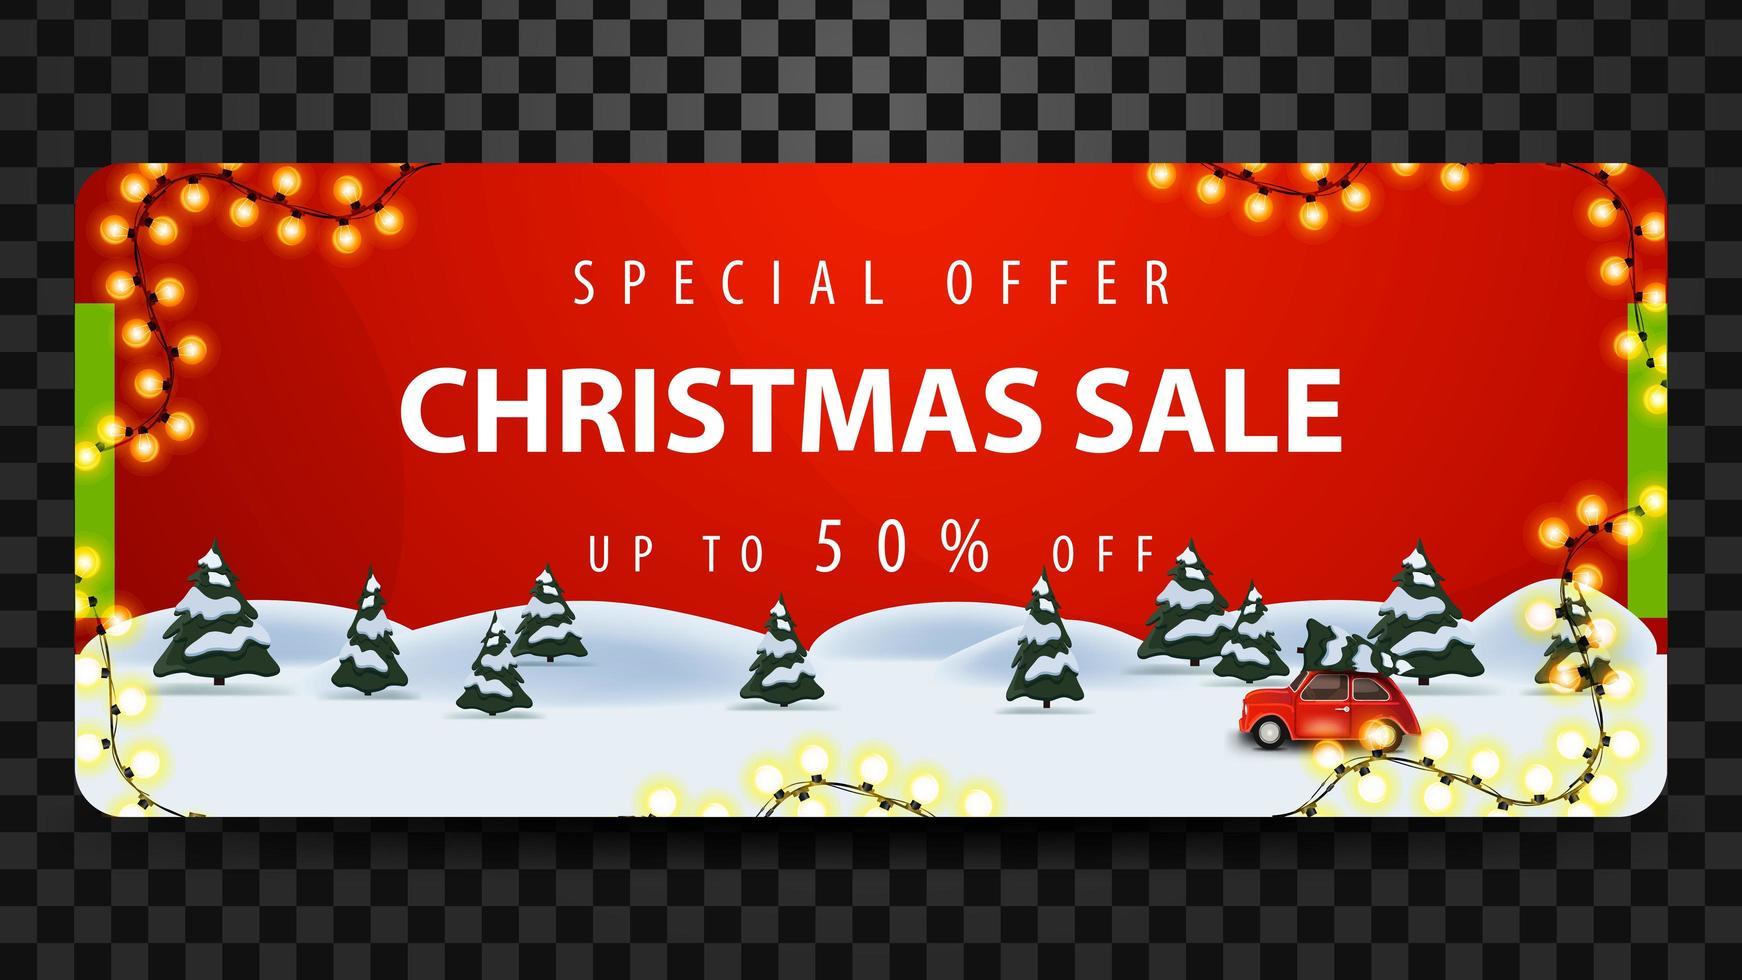 Sonderangebot, Weihnachtsverkauf, bis zu 50 Rabatt, schönes rotes Rabatt-Banner mit Kiefernwinterwald und rotem Oldtimer mit Weihnachtsbaum. vektor